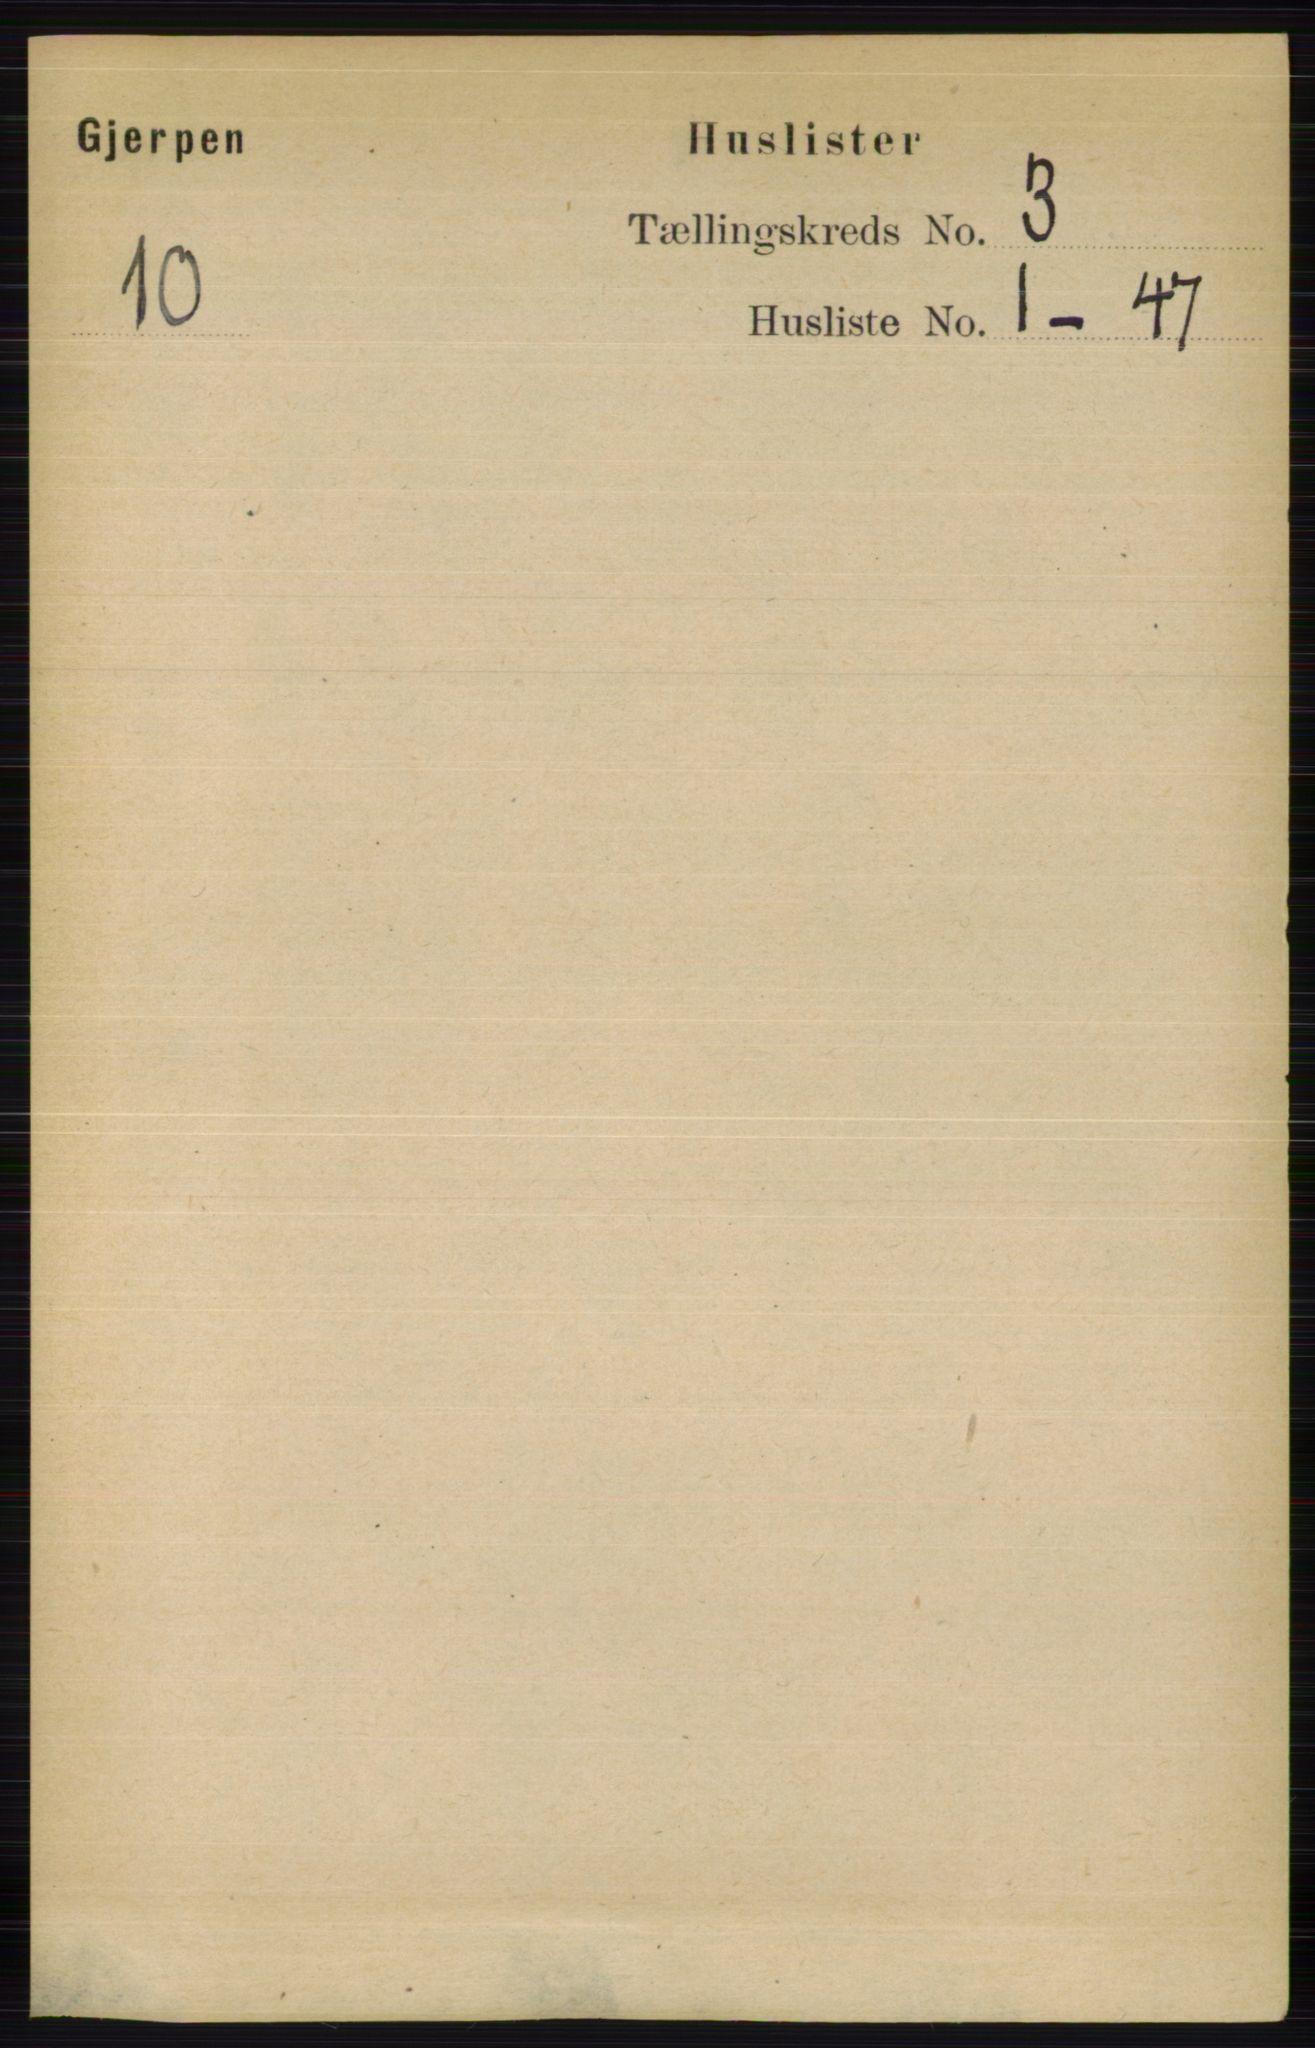 RA, Folketelling 1891 for 0812 Gjerpen herred, 1891, s. 1409